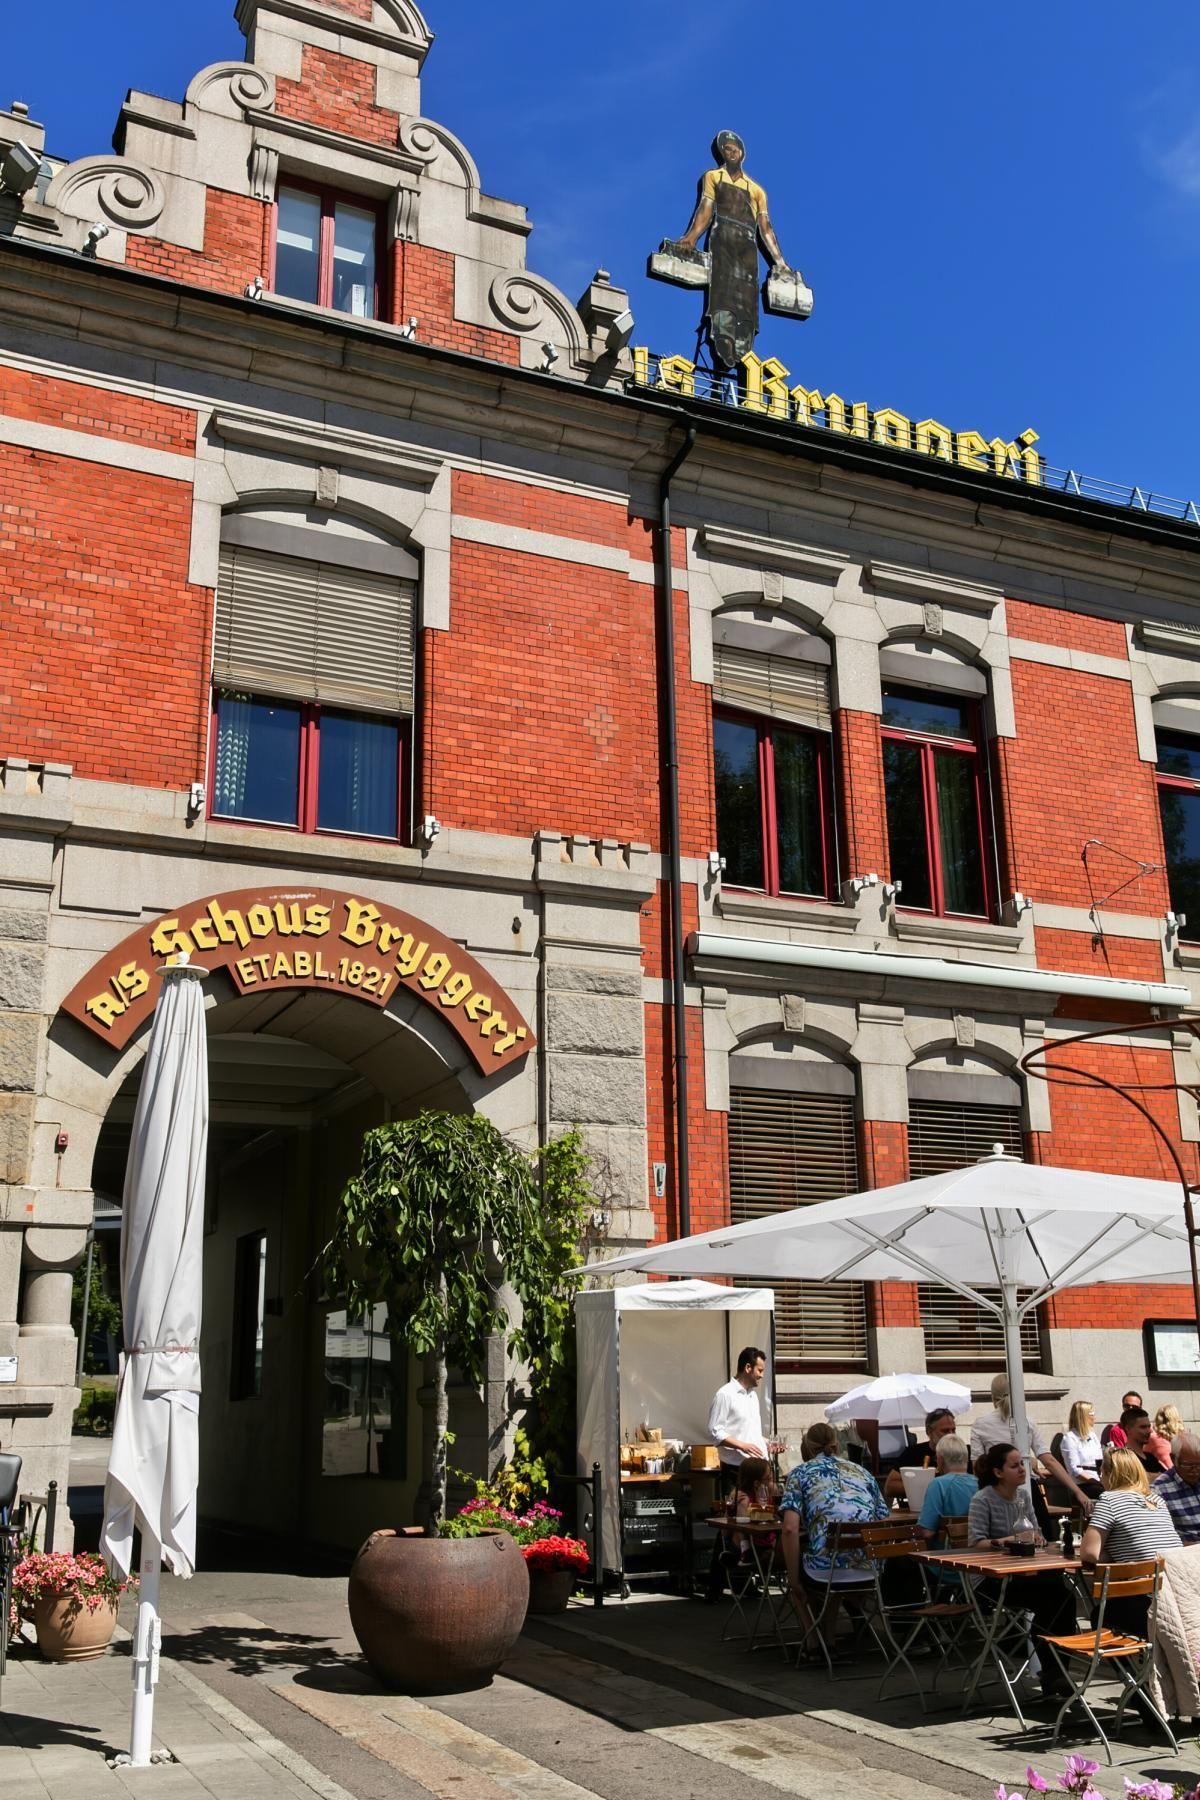 Herslebs gate 17A Schous plass har flere flotte spise- og utesteder.